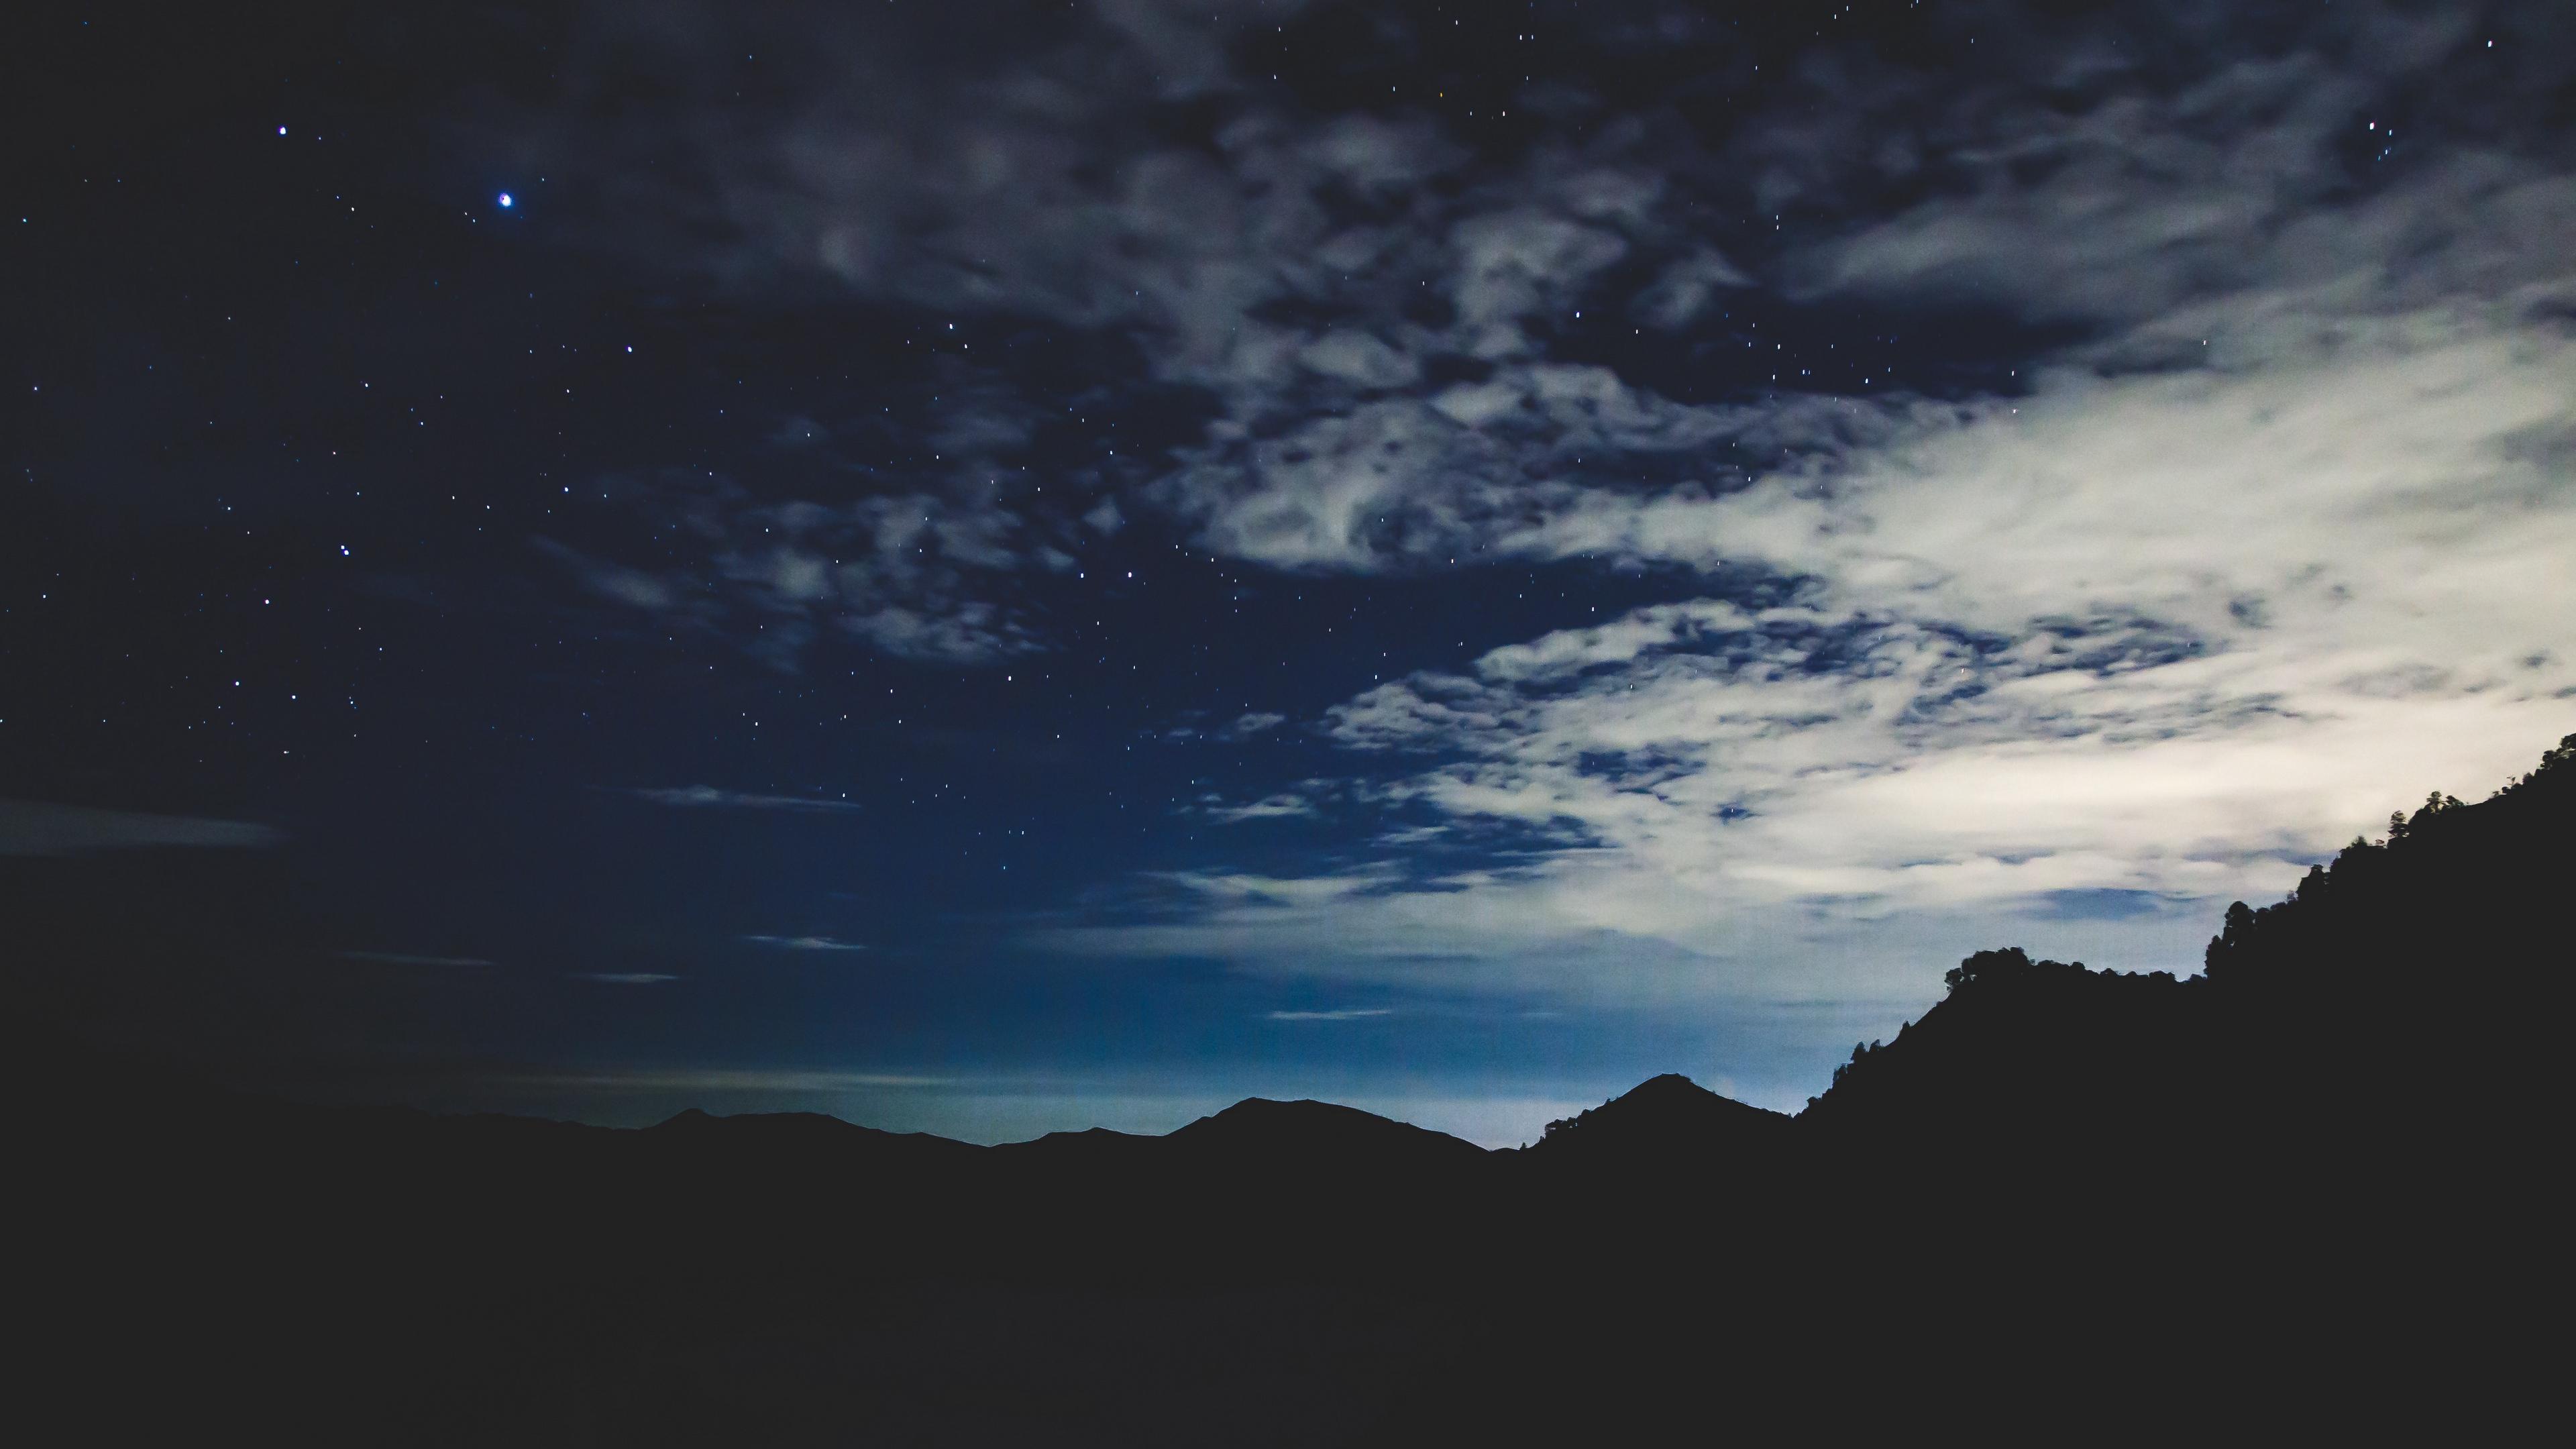 stars night sky mountains 4k 1540576080 - stars, night, sky, mountains 4k - Stars, Sky, Night